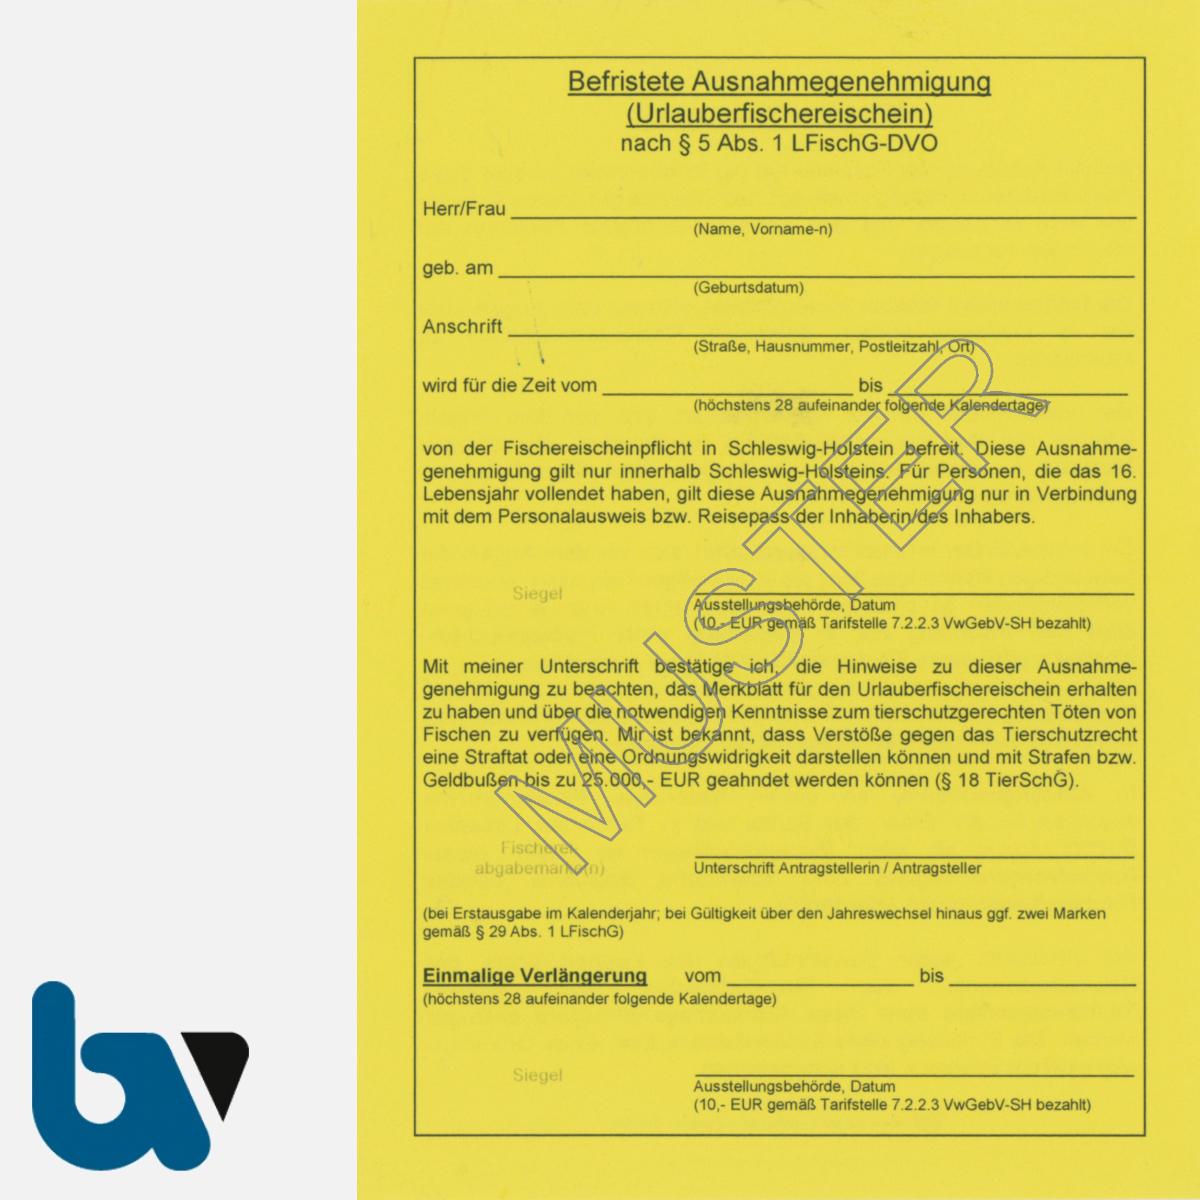 8/456-2 Ausnahmegenehmigung Schleswig Holstein §5 Fischereigesetz Muster DIN A6 Neobond gelb Vorderseite   Borgard Verlag GmbH